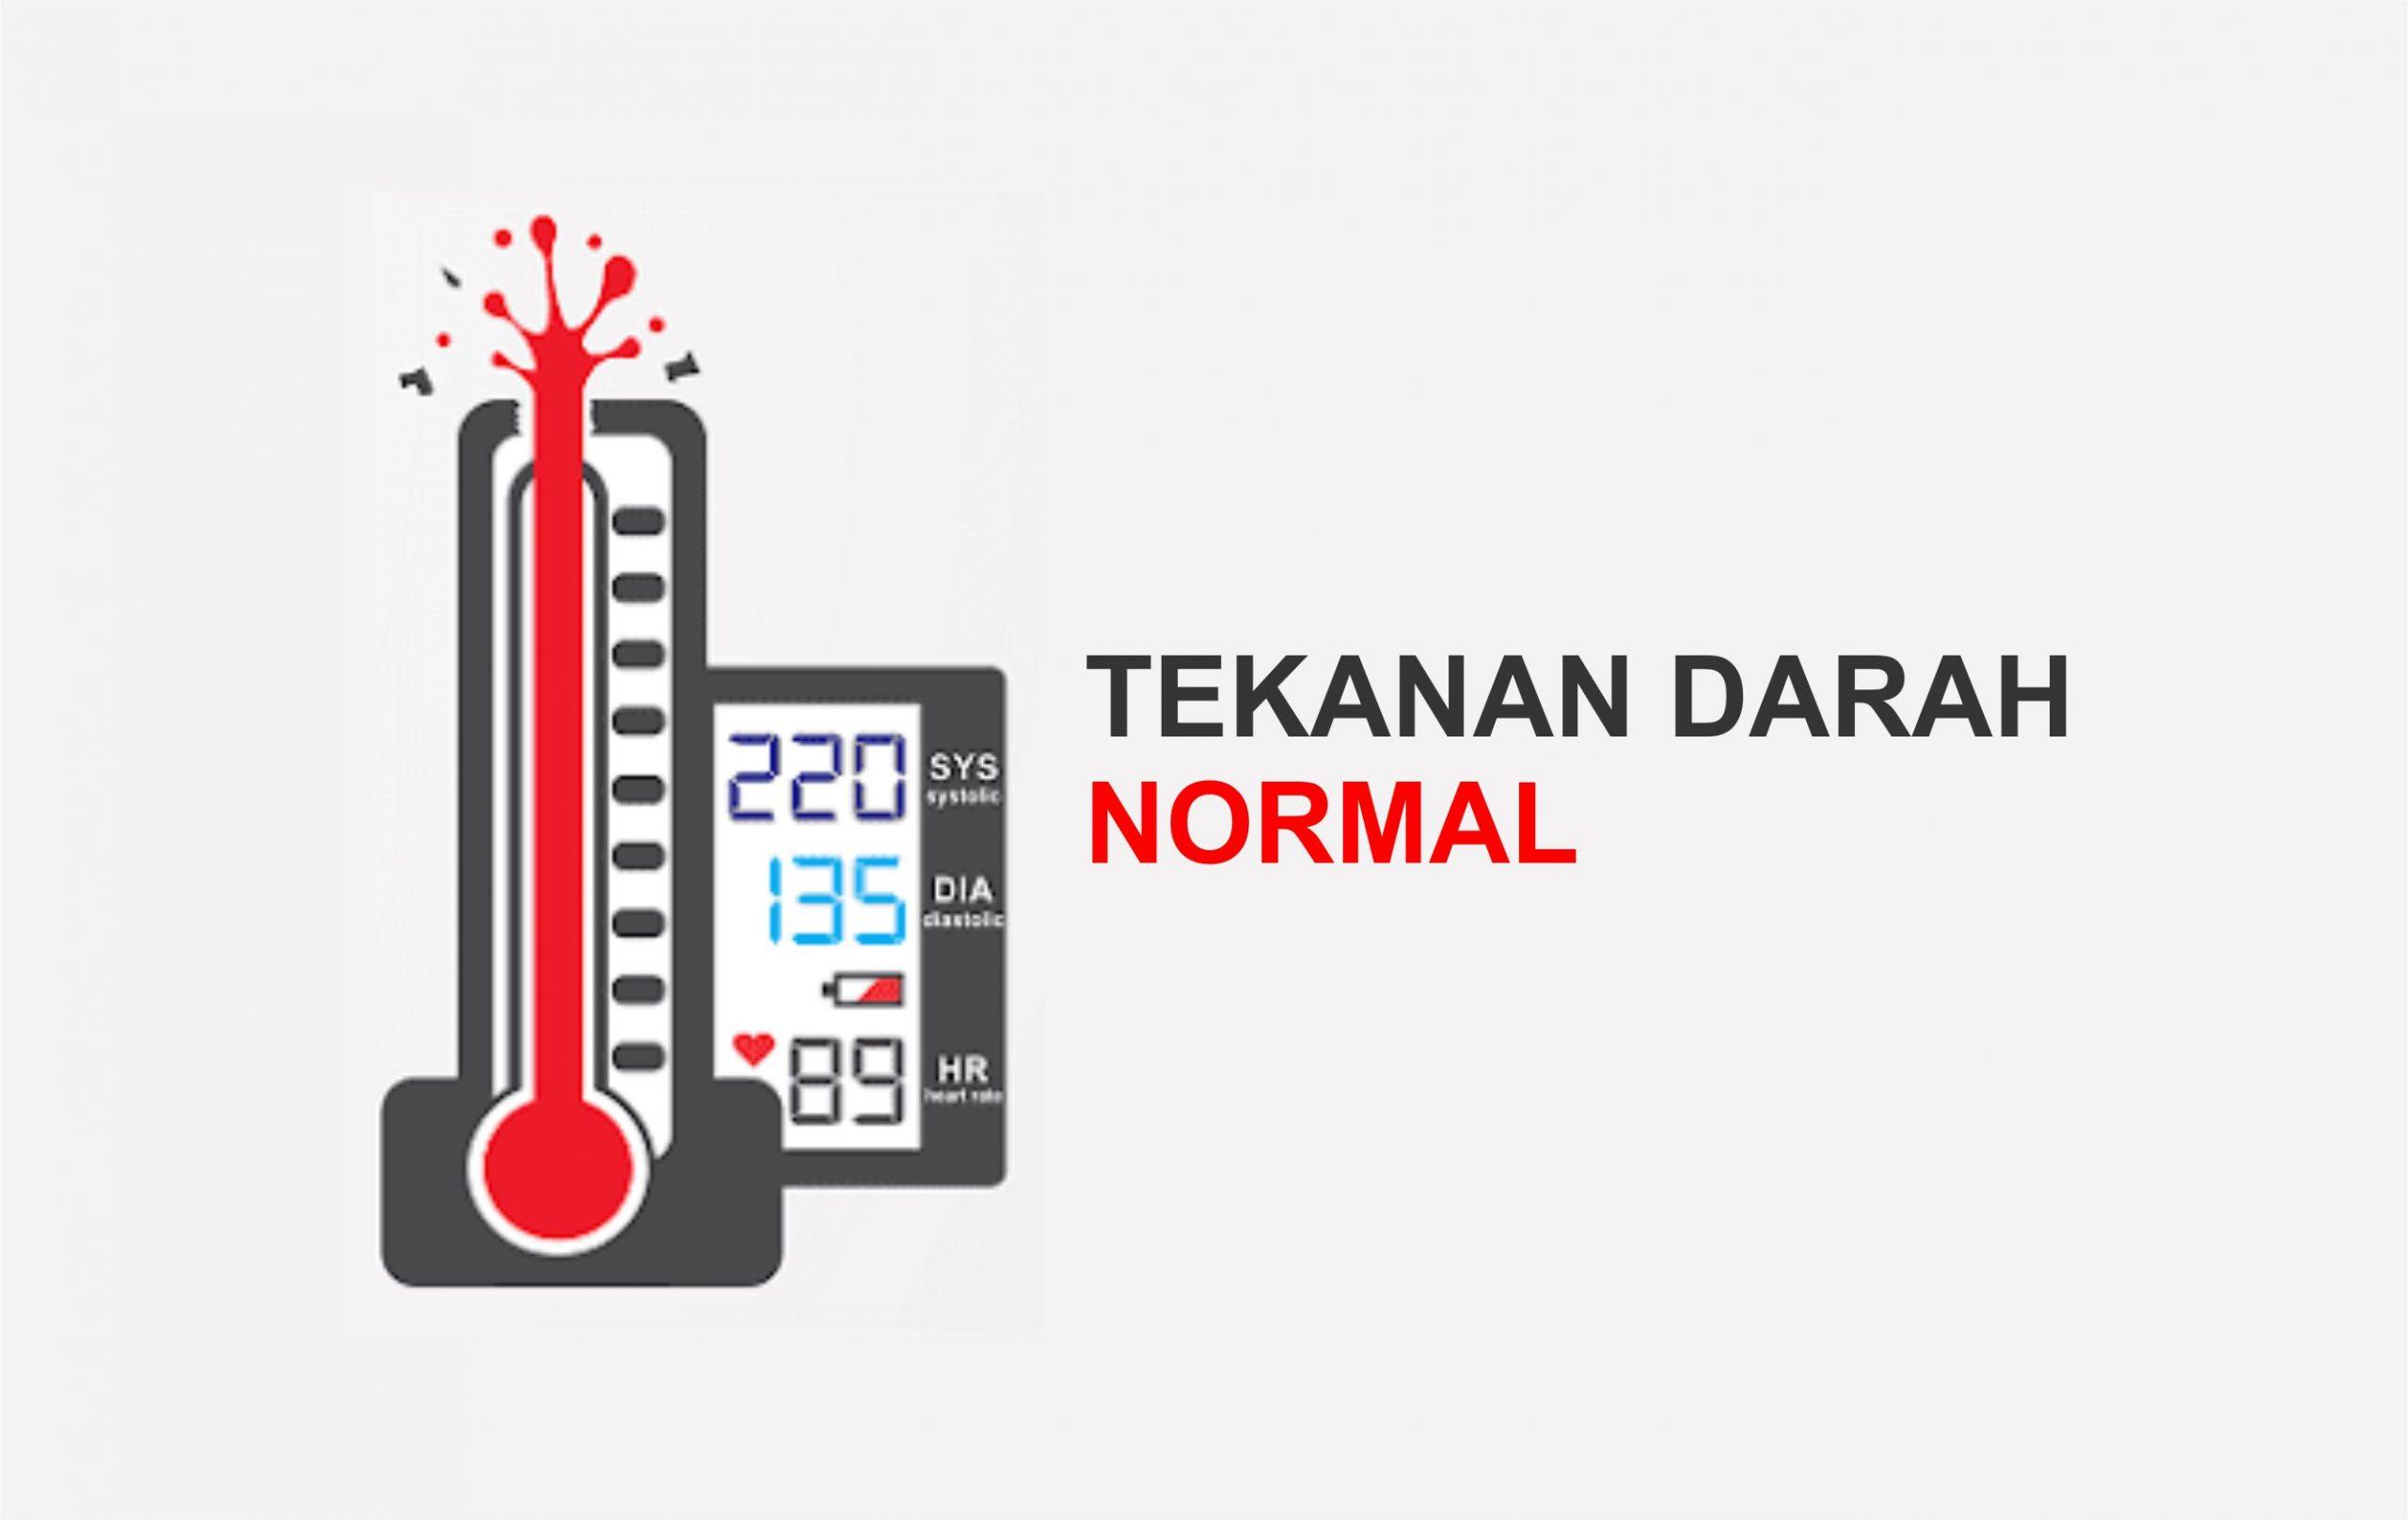 Tekanan Darah Normal